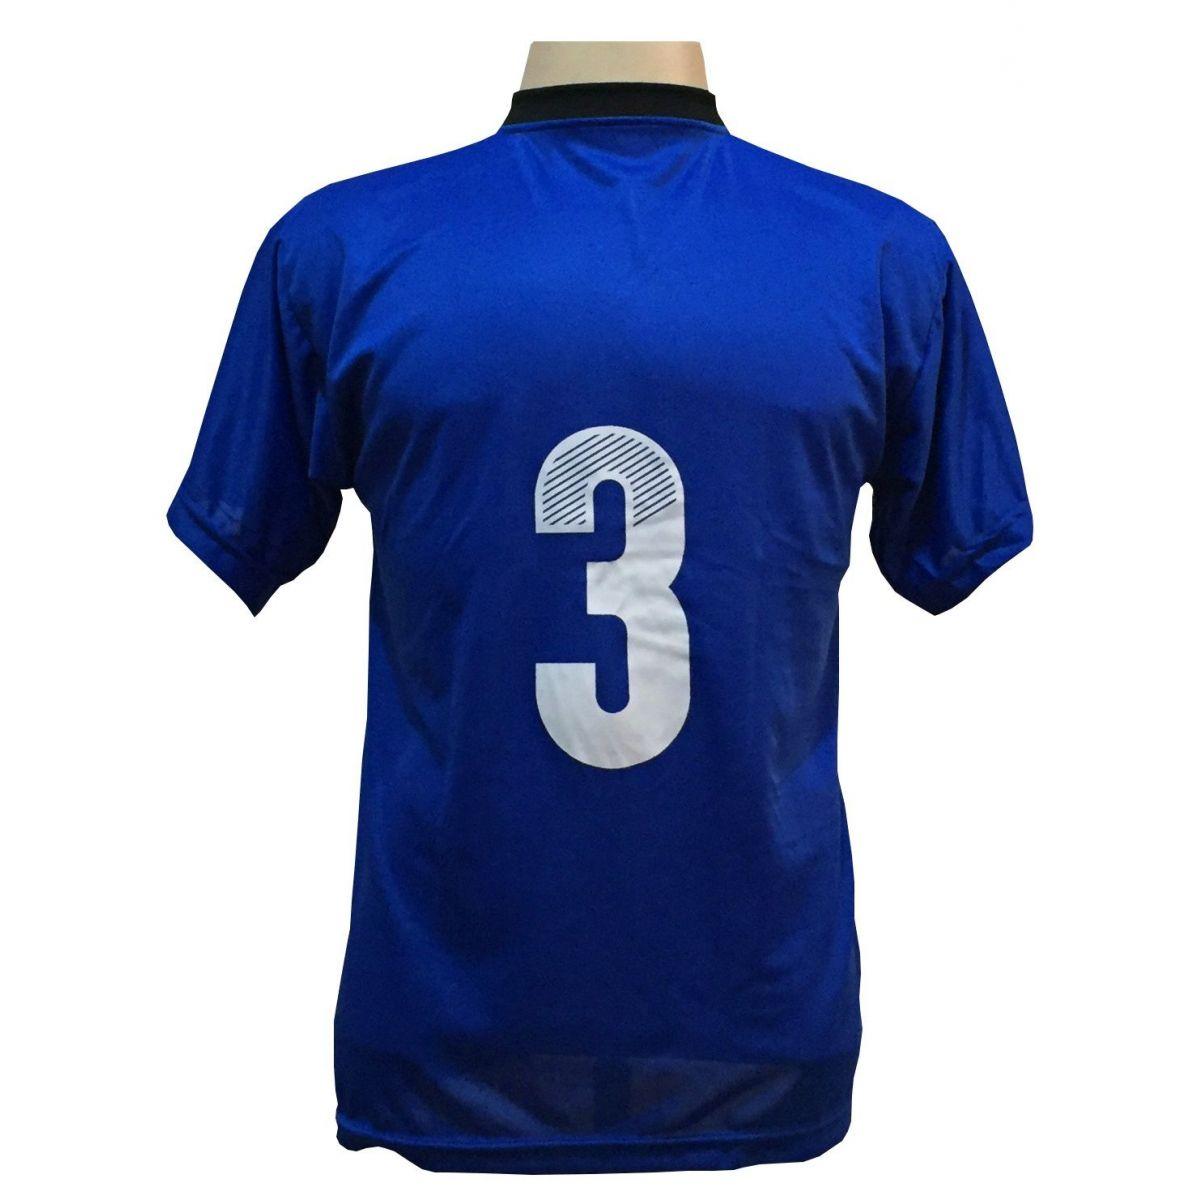 Uniforme Completo modelo Roma 18+2 (18 Camisas Royal/Preto + 18 Calções Madrid Royal + 18 Pares de Meiões Royal + 2 Conjuntos de Goleiro) + Brindes